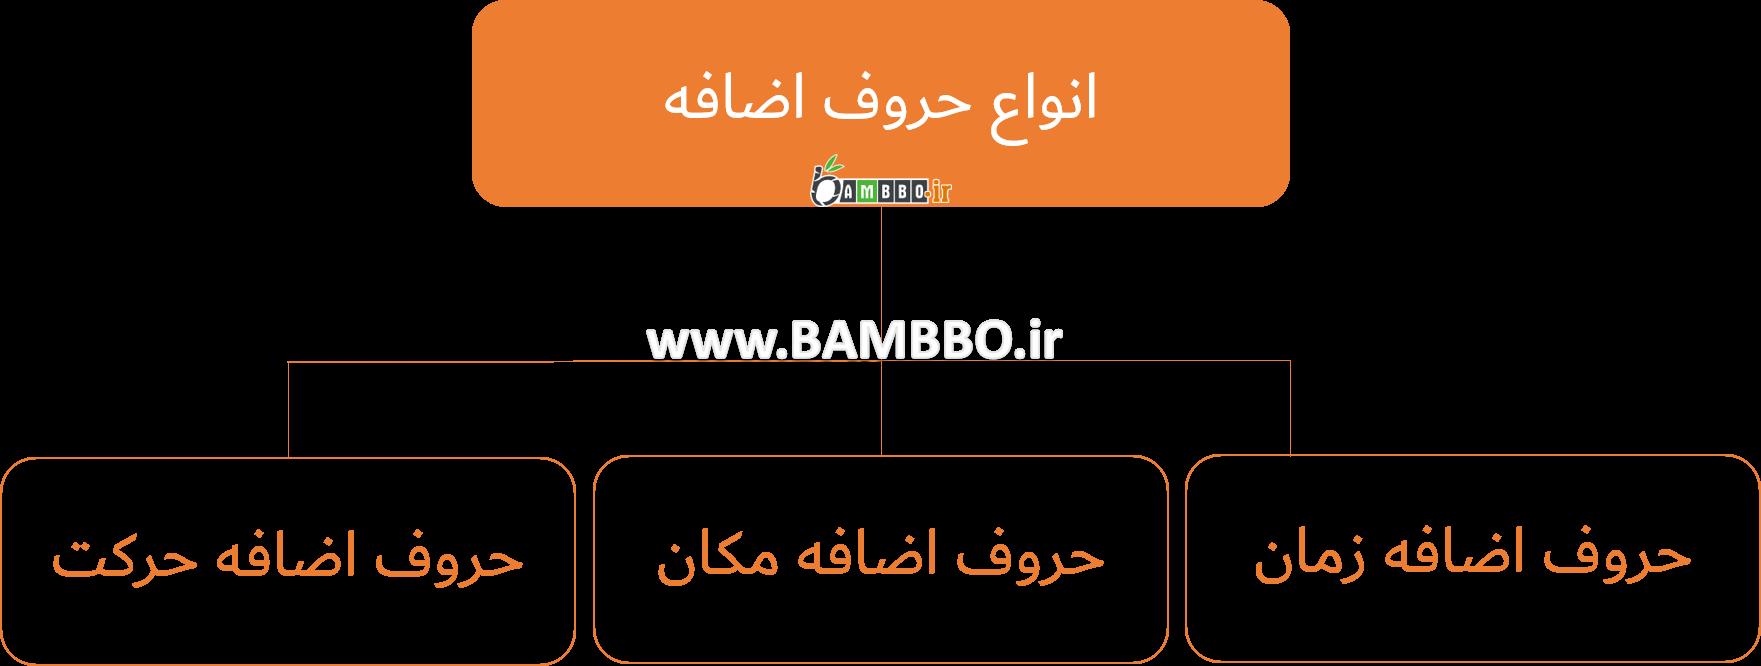 حروف اضافه در زبان انگلیسی| بامبو